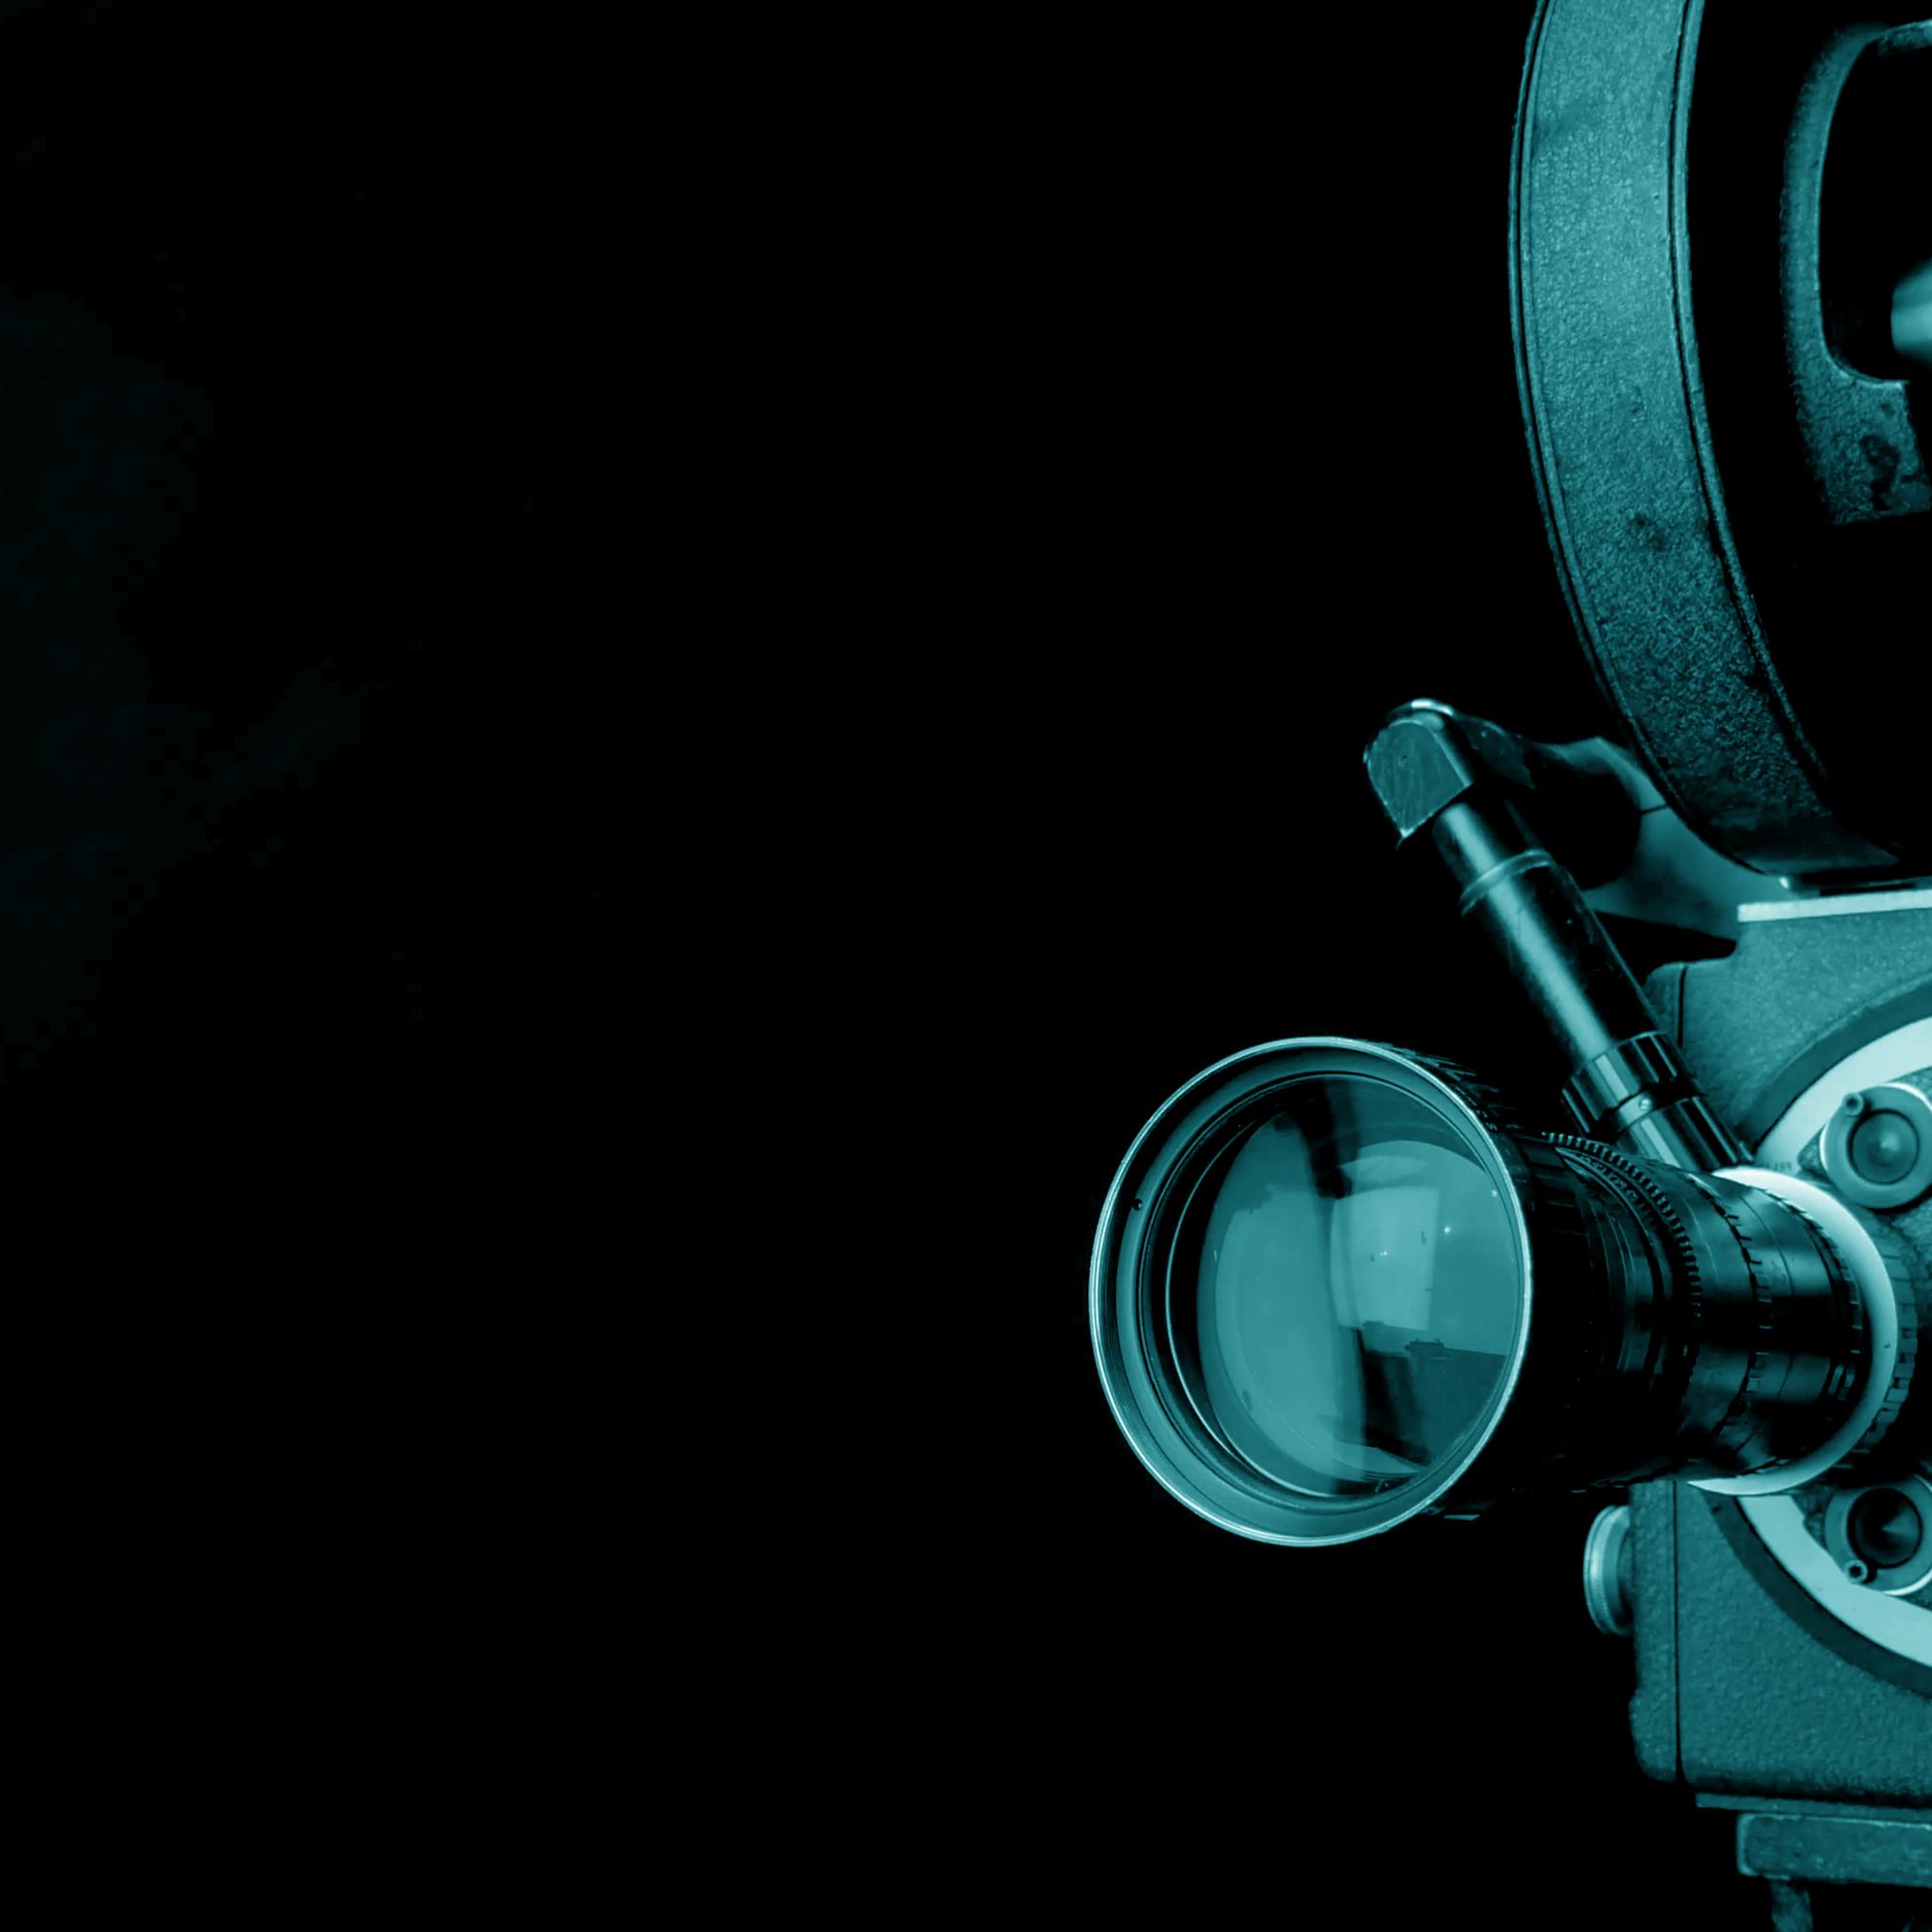 Curso Taller Grabación de vídeo con DSLR cámara réflex Mistos Alicante Cursos Talleres